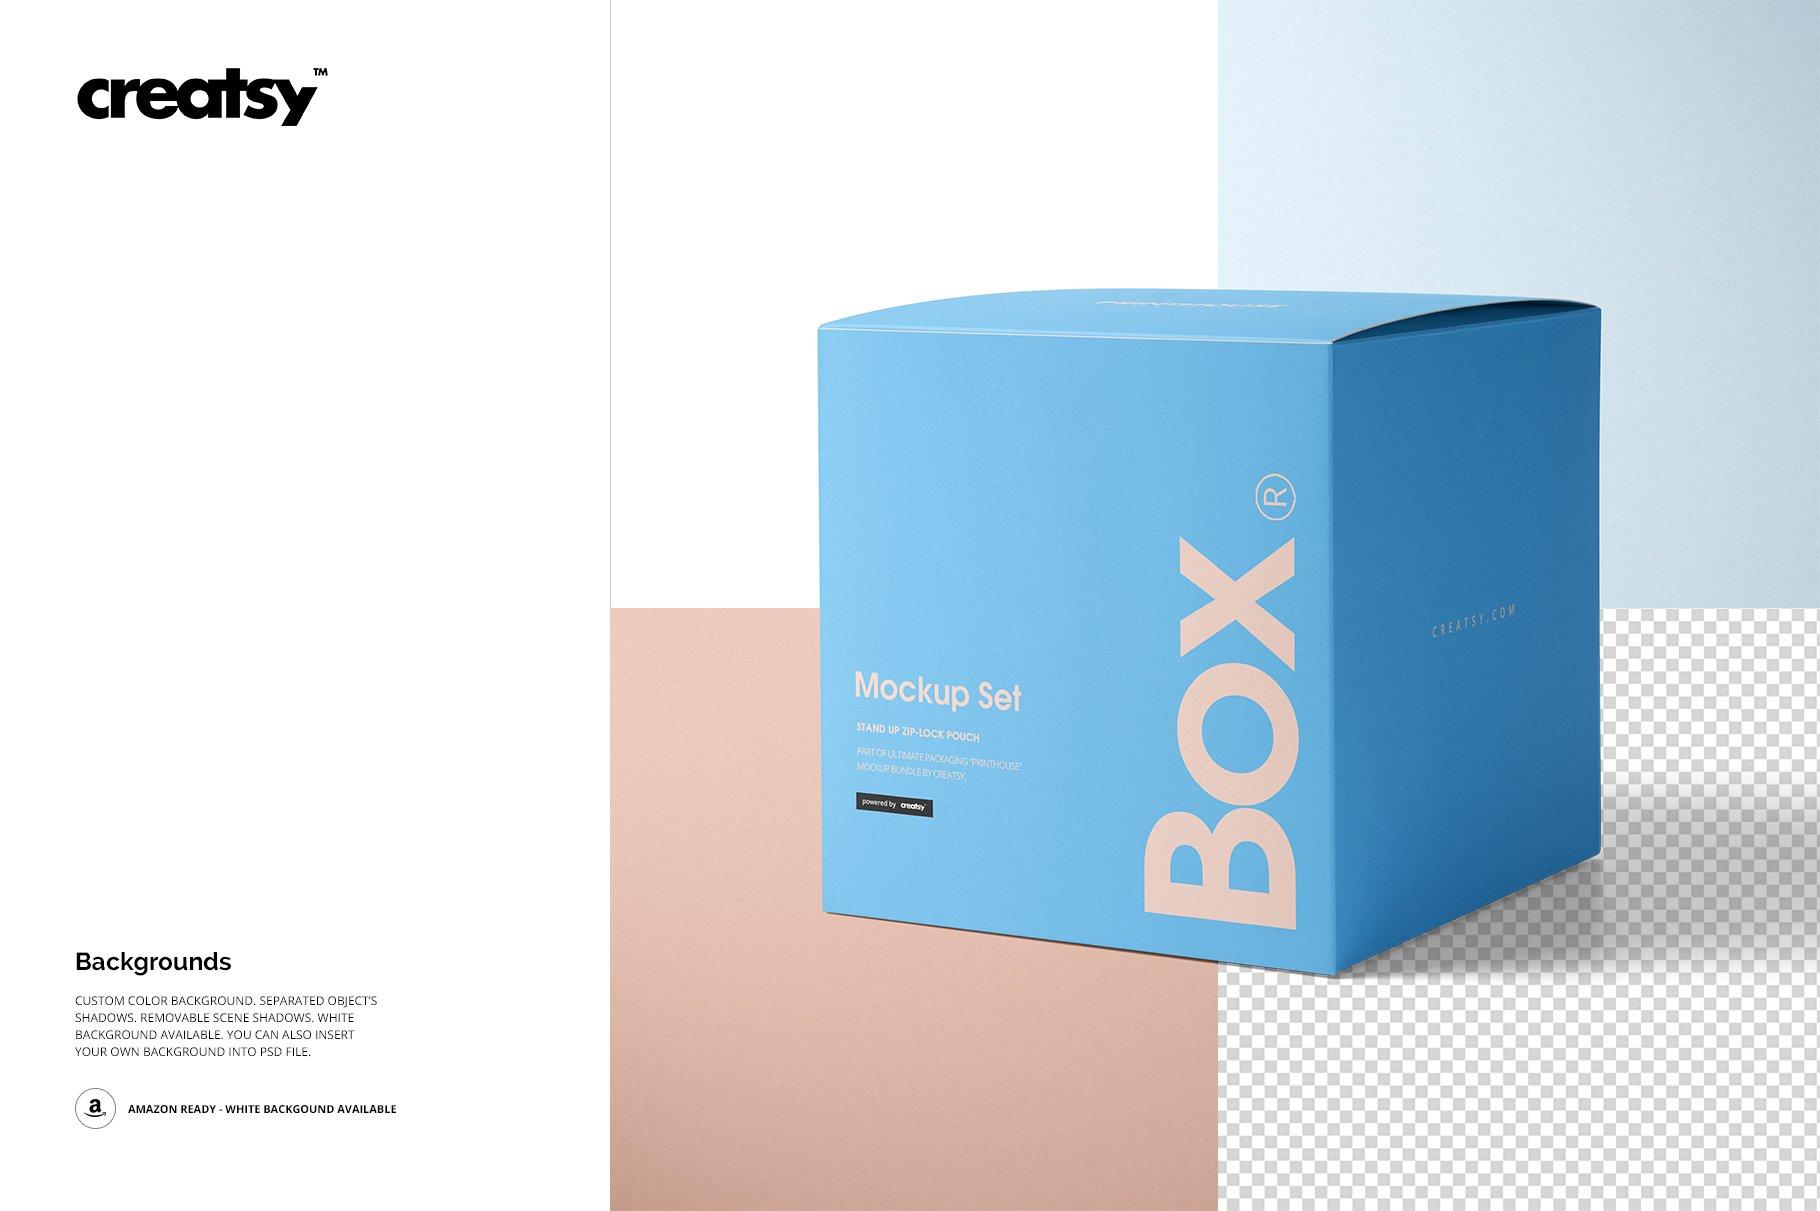 方形哑光产品礼品包装纸盒设计贴图样机套装 Matte Gift Square Box Mockup Set插图(7)